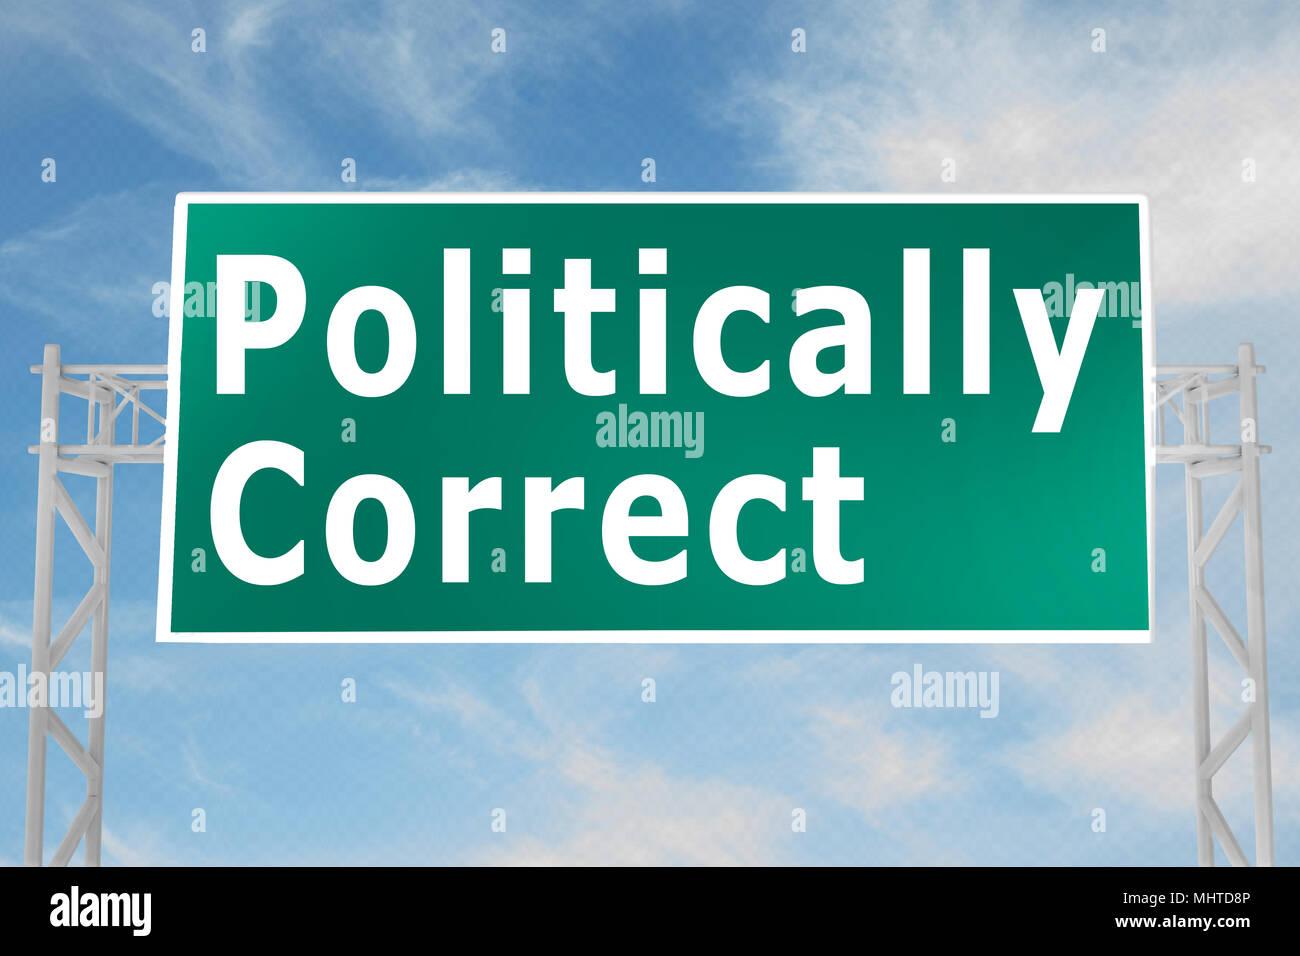 Politically Correct Stockfotos & Politically Correct Bilder - Alamy